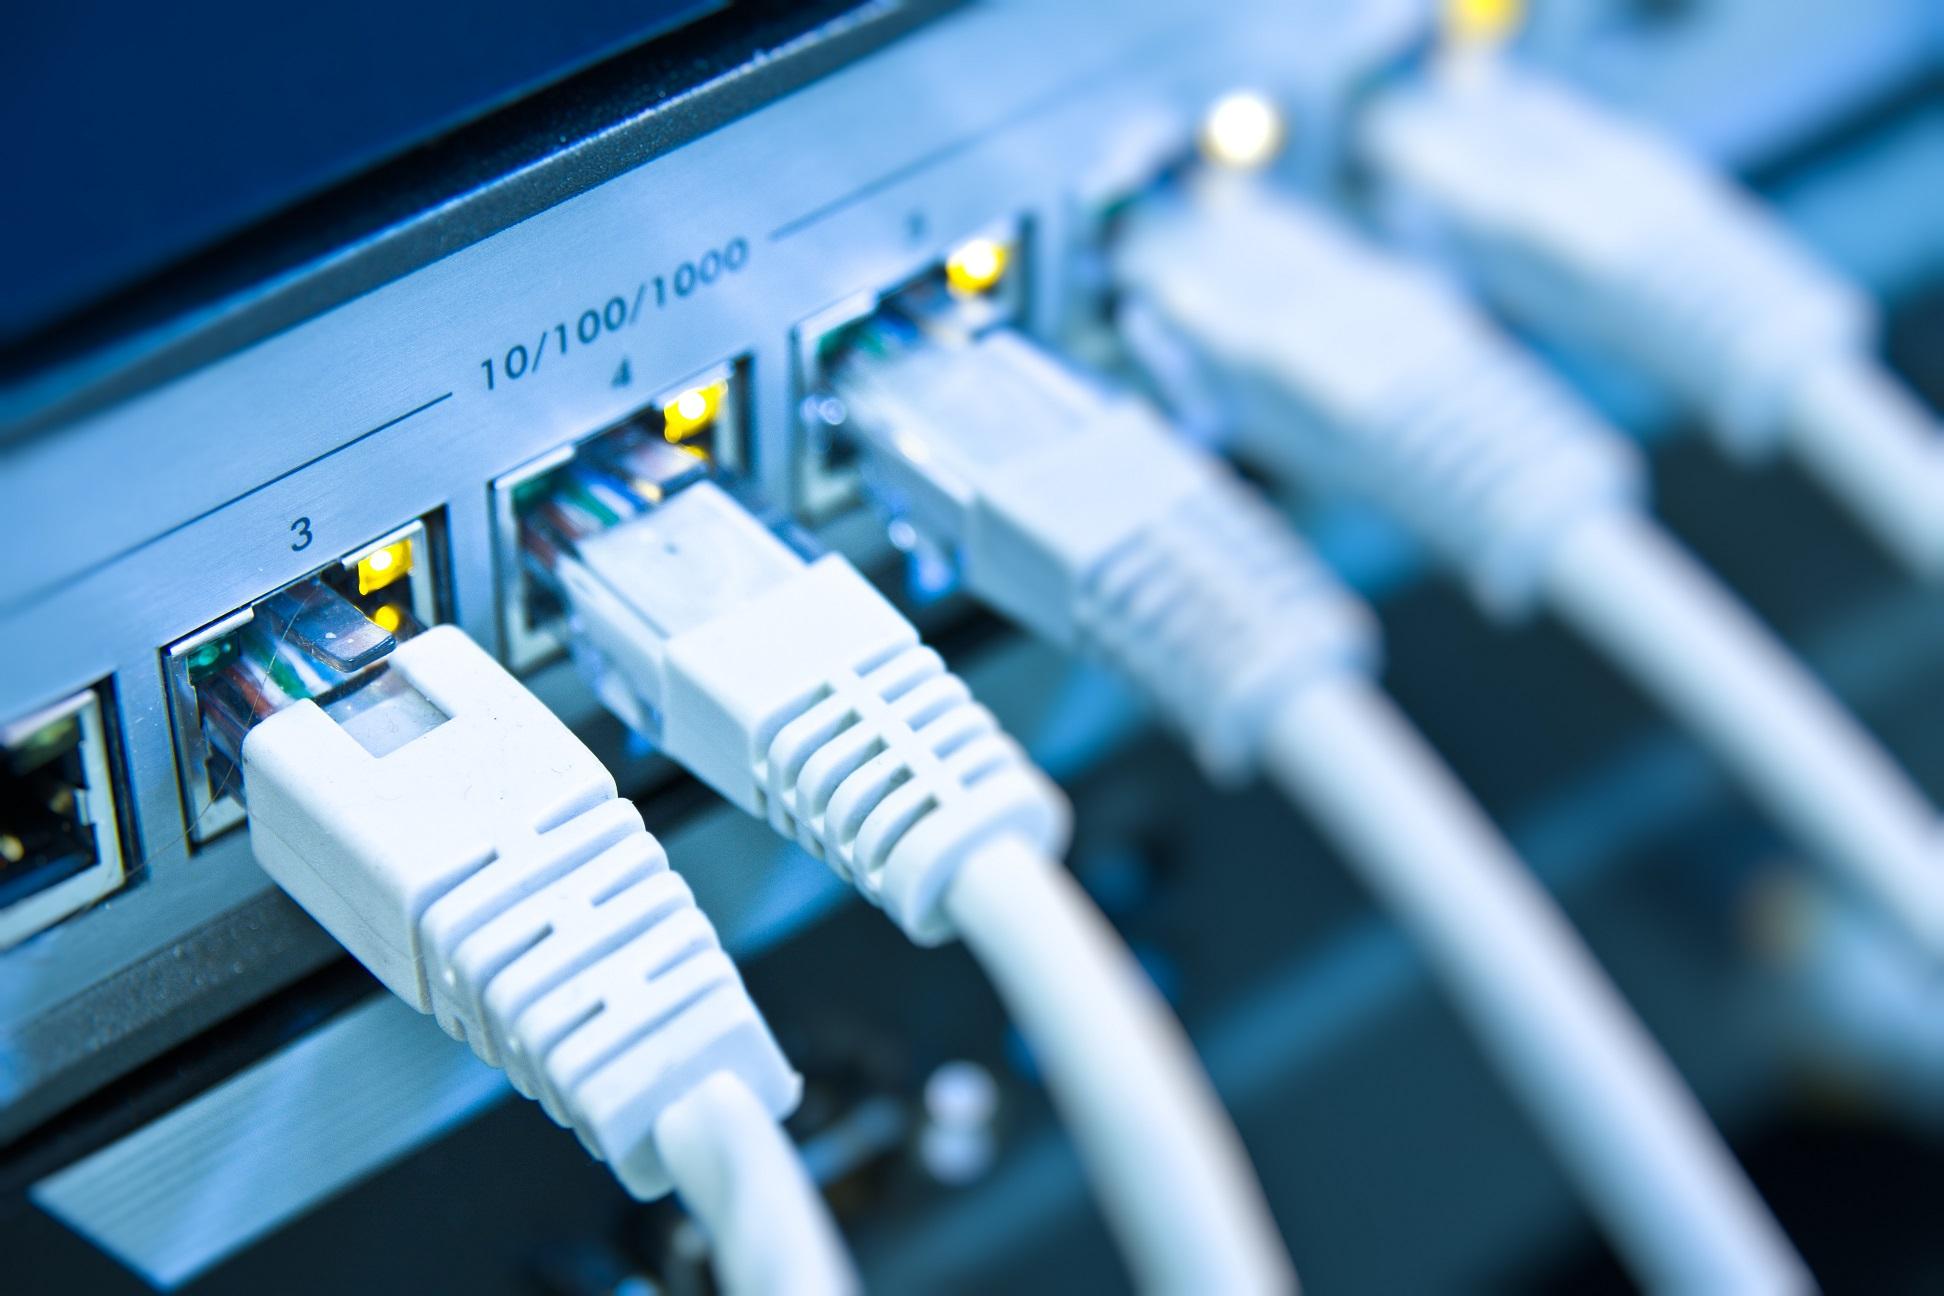 تجهیزات شبکه ( قسمت اول - آشنایی با تولید کنندگان )